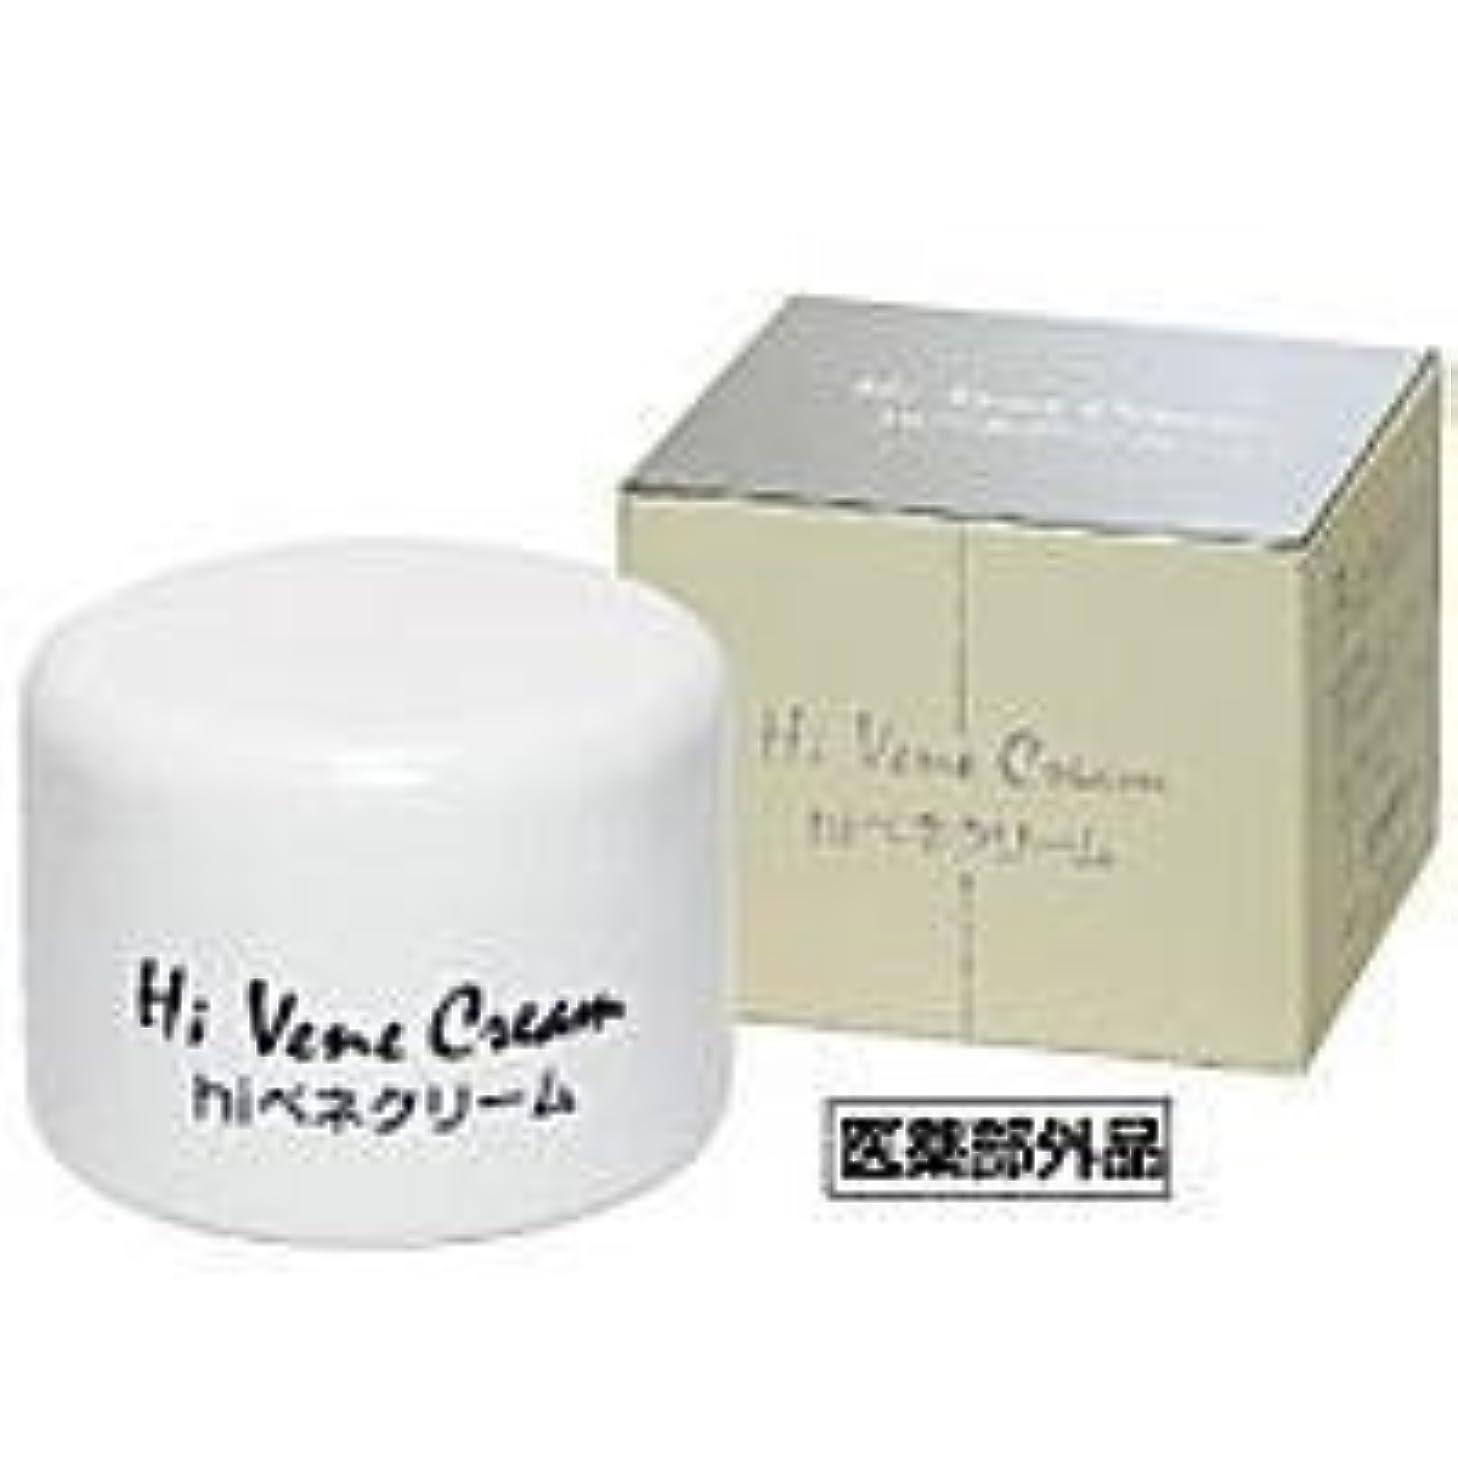 有害ミル電化するサンケイ薬品 hiベネクリーム 1個